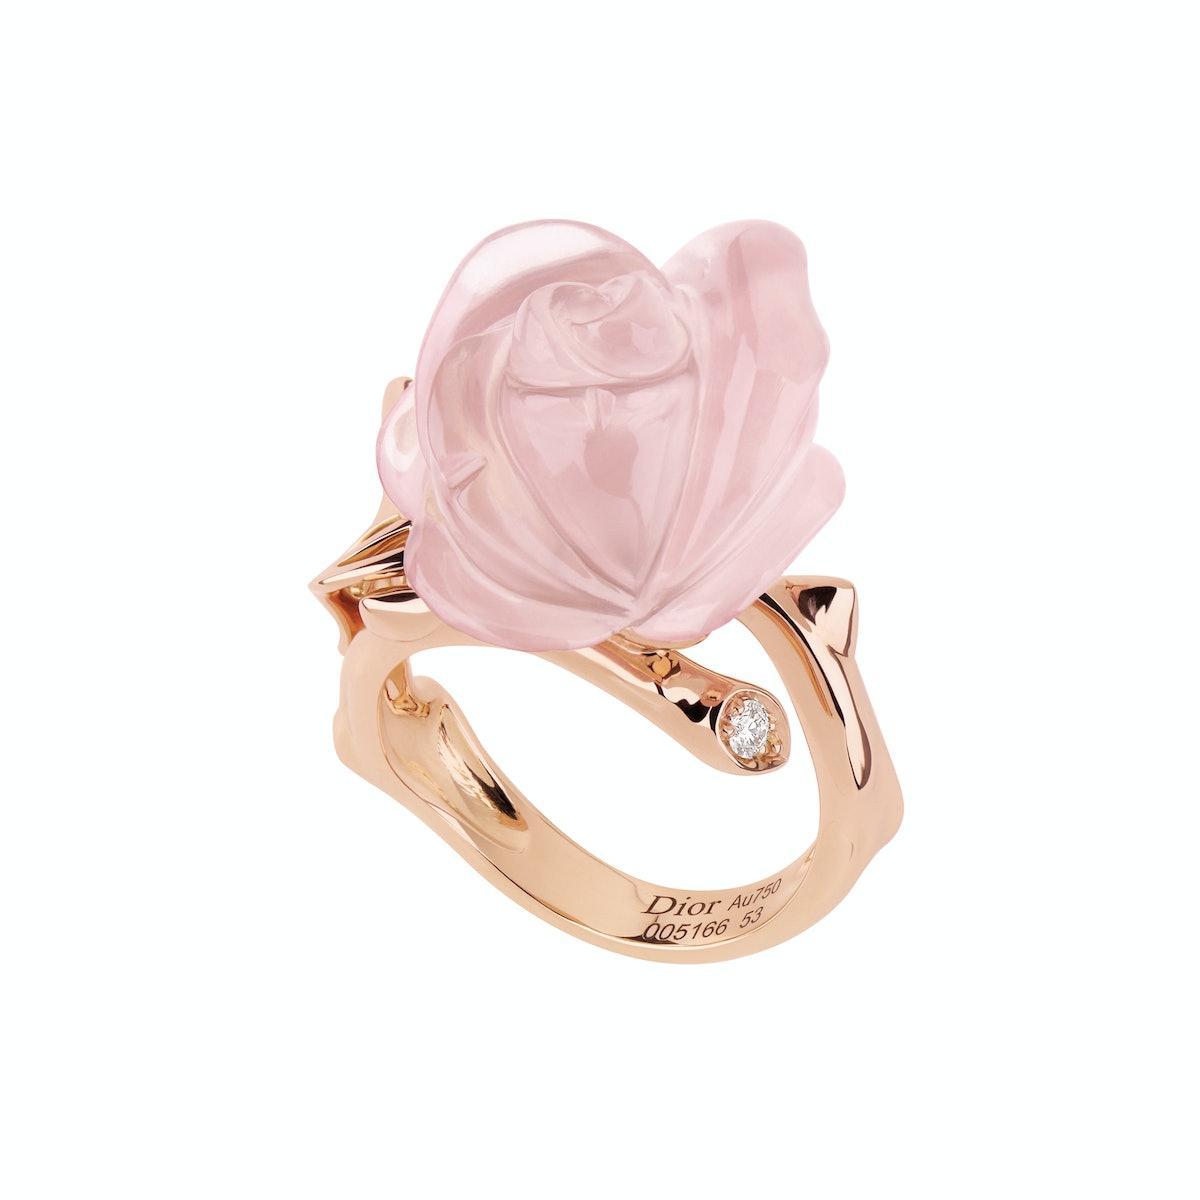 5.-Dior-Fine-Jewelry